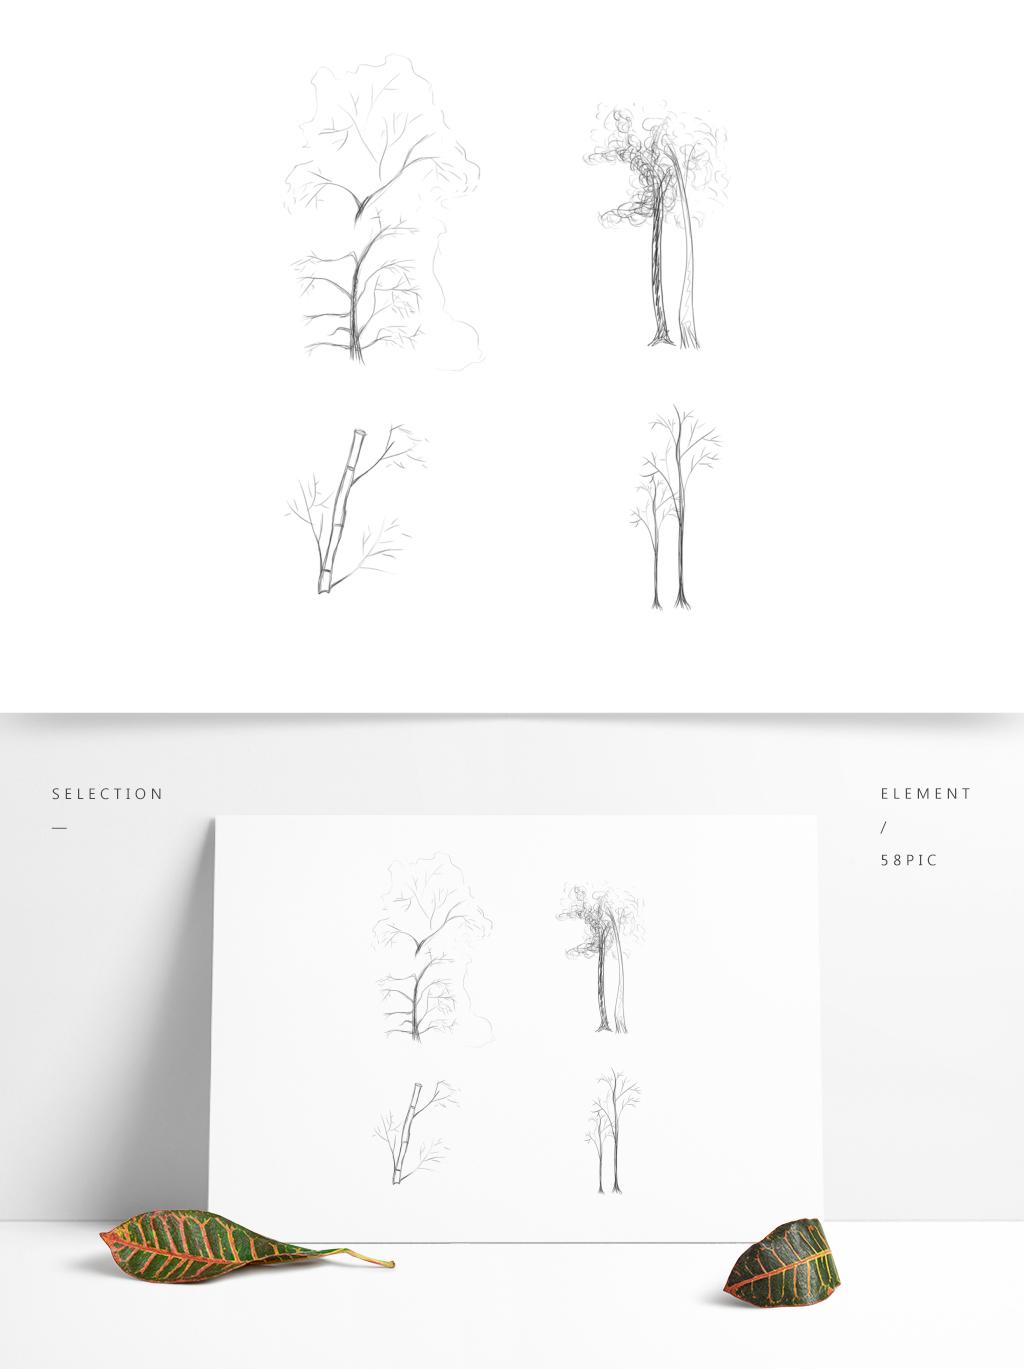 原创商用钢笔手绘风格植物树灌木竹子图片素材 PSB格式 下载 其他大全